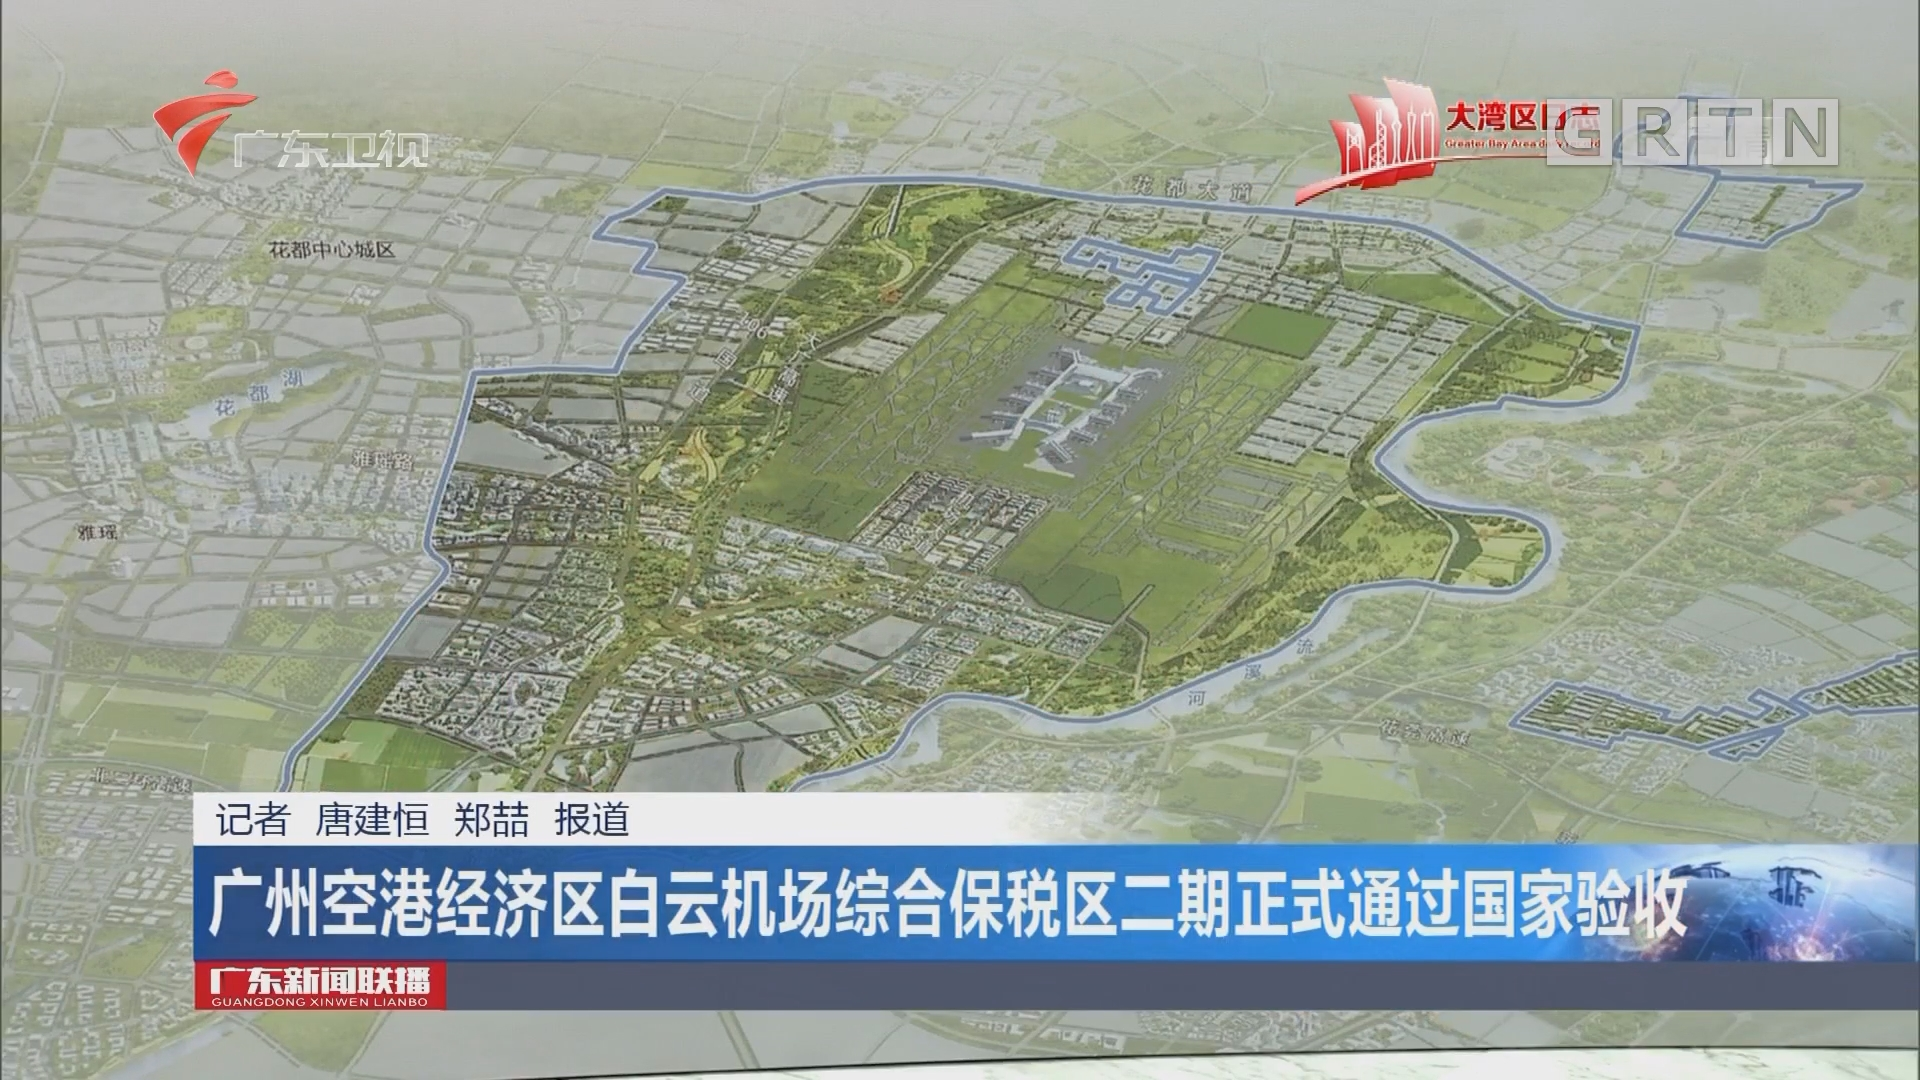 广州空港经济区白云机场综合保税区二期正式通过国家验收